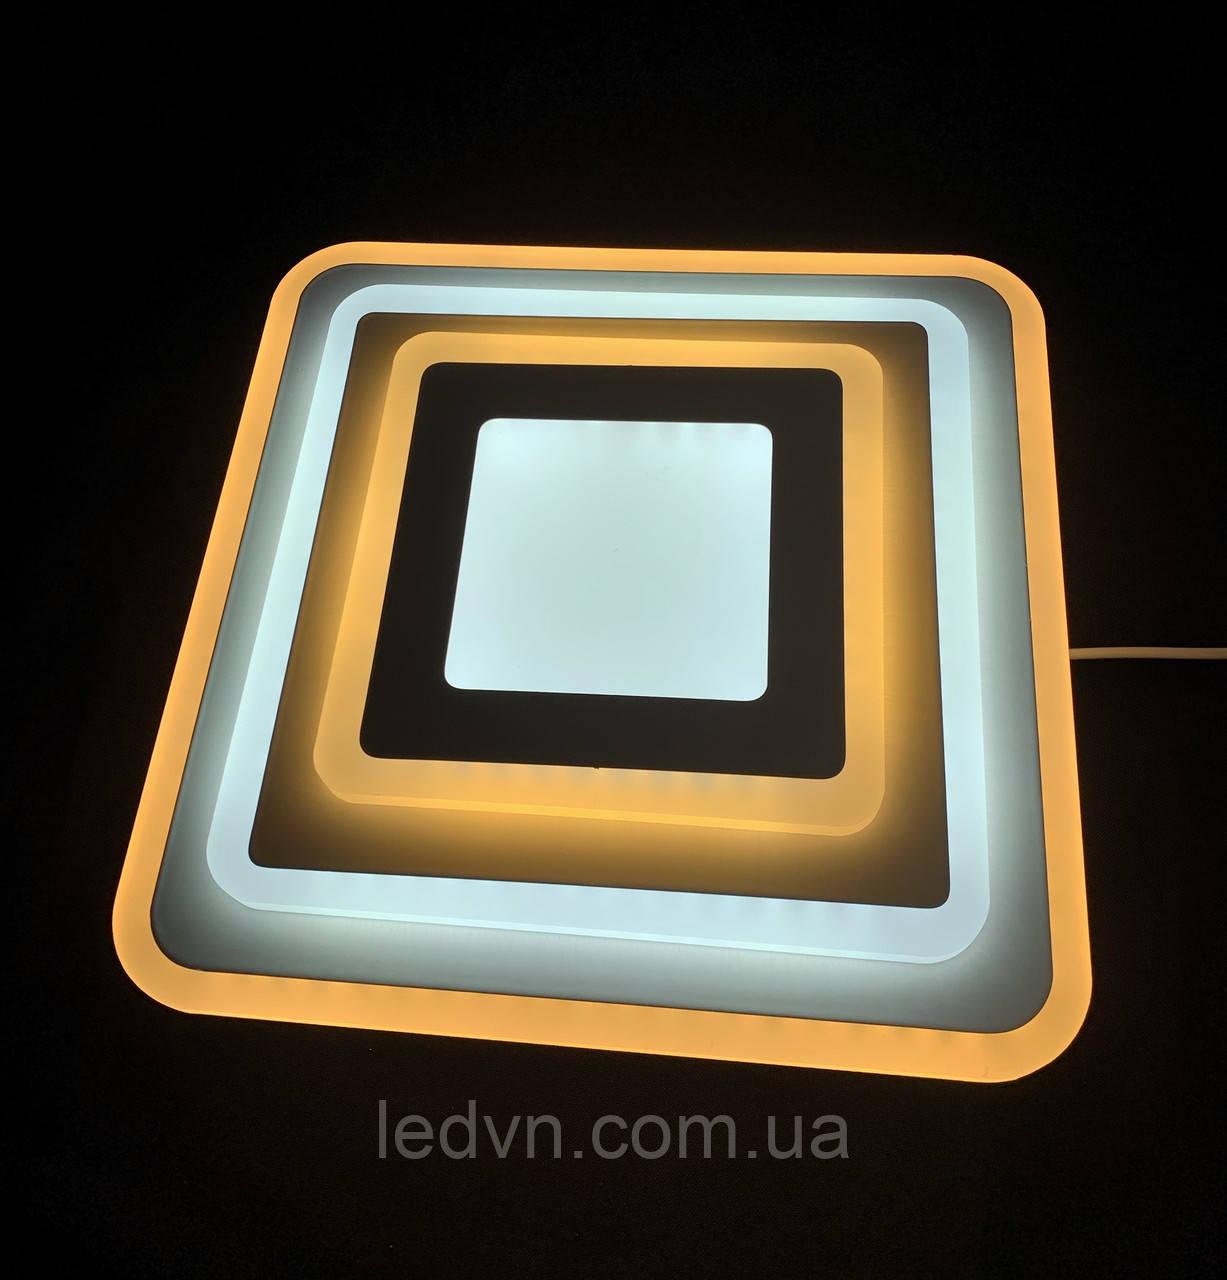 Светодиодный потолочный светильник квадрат 32 ватт